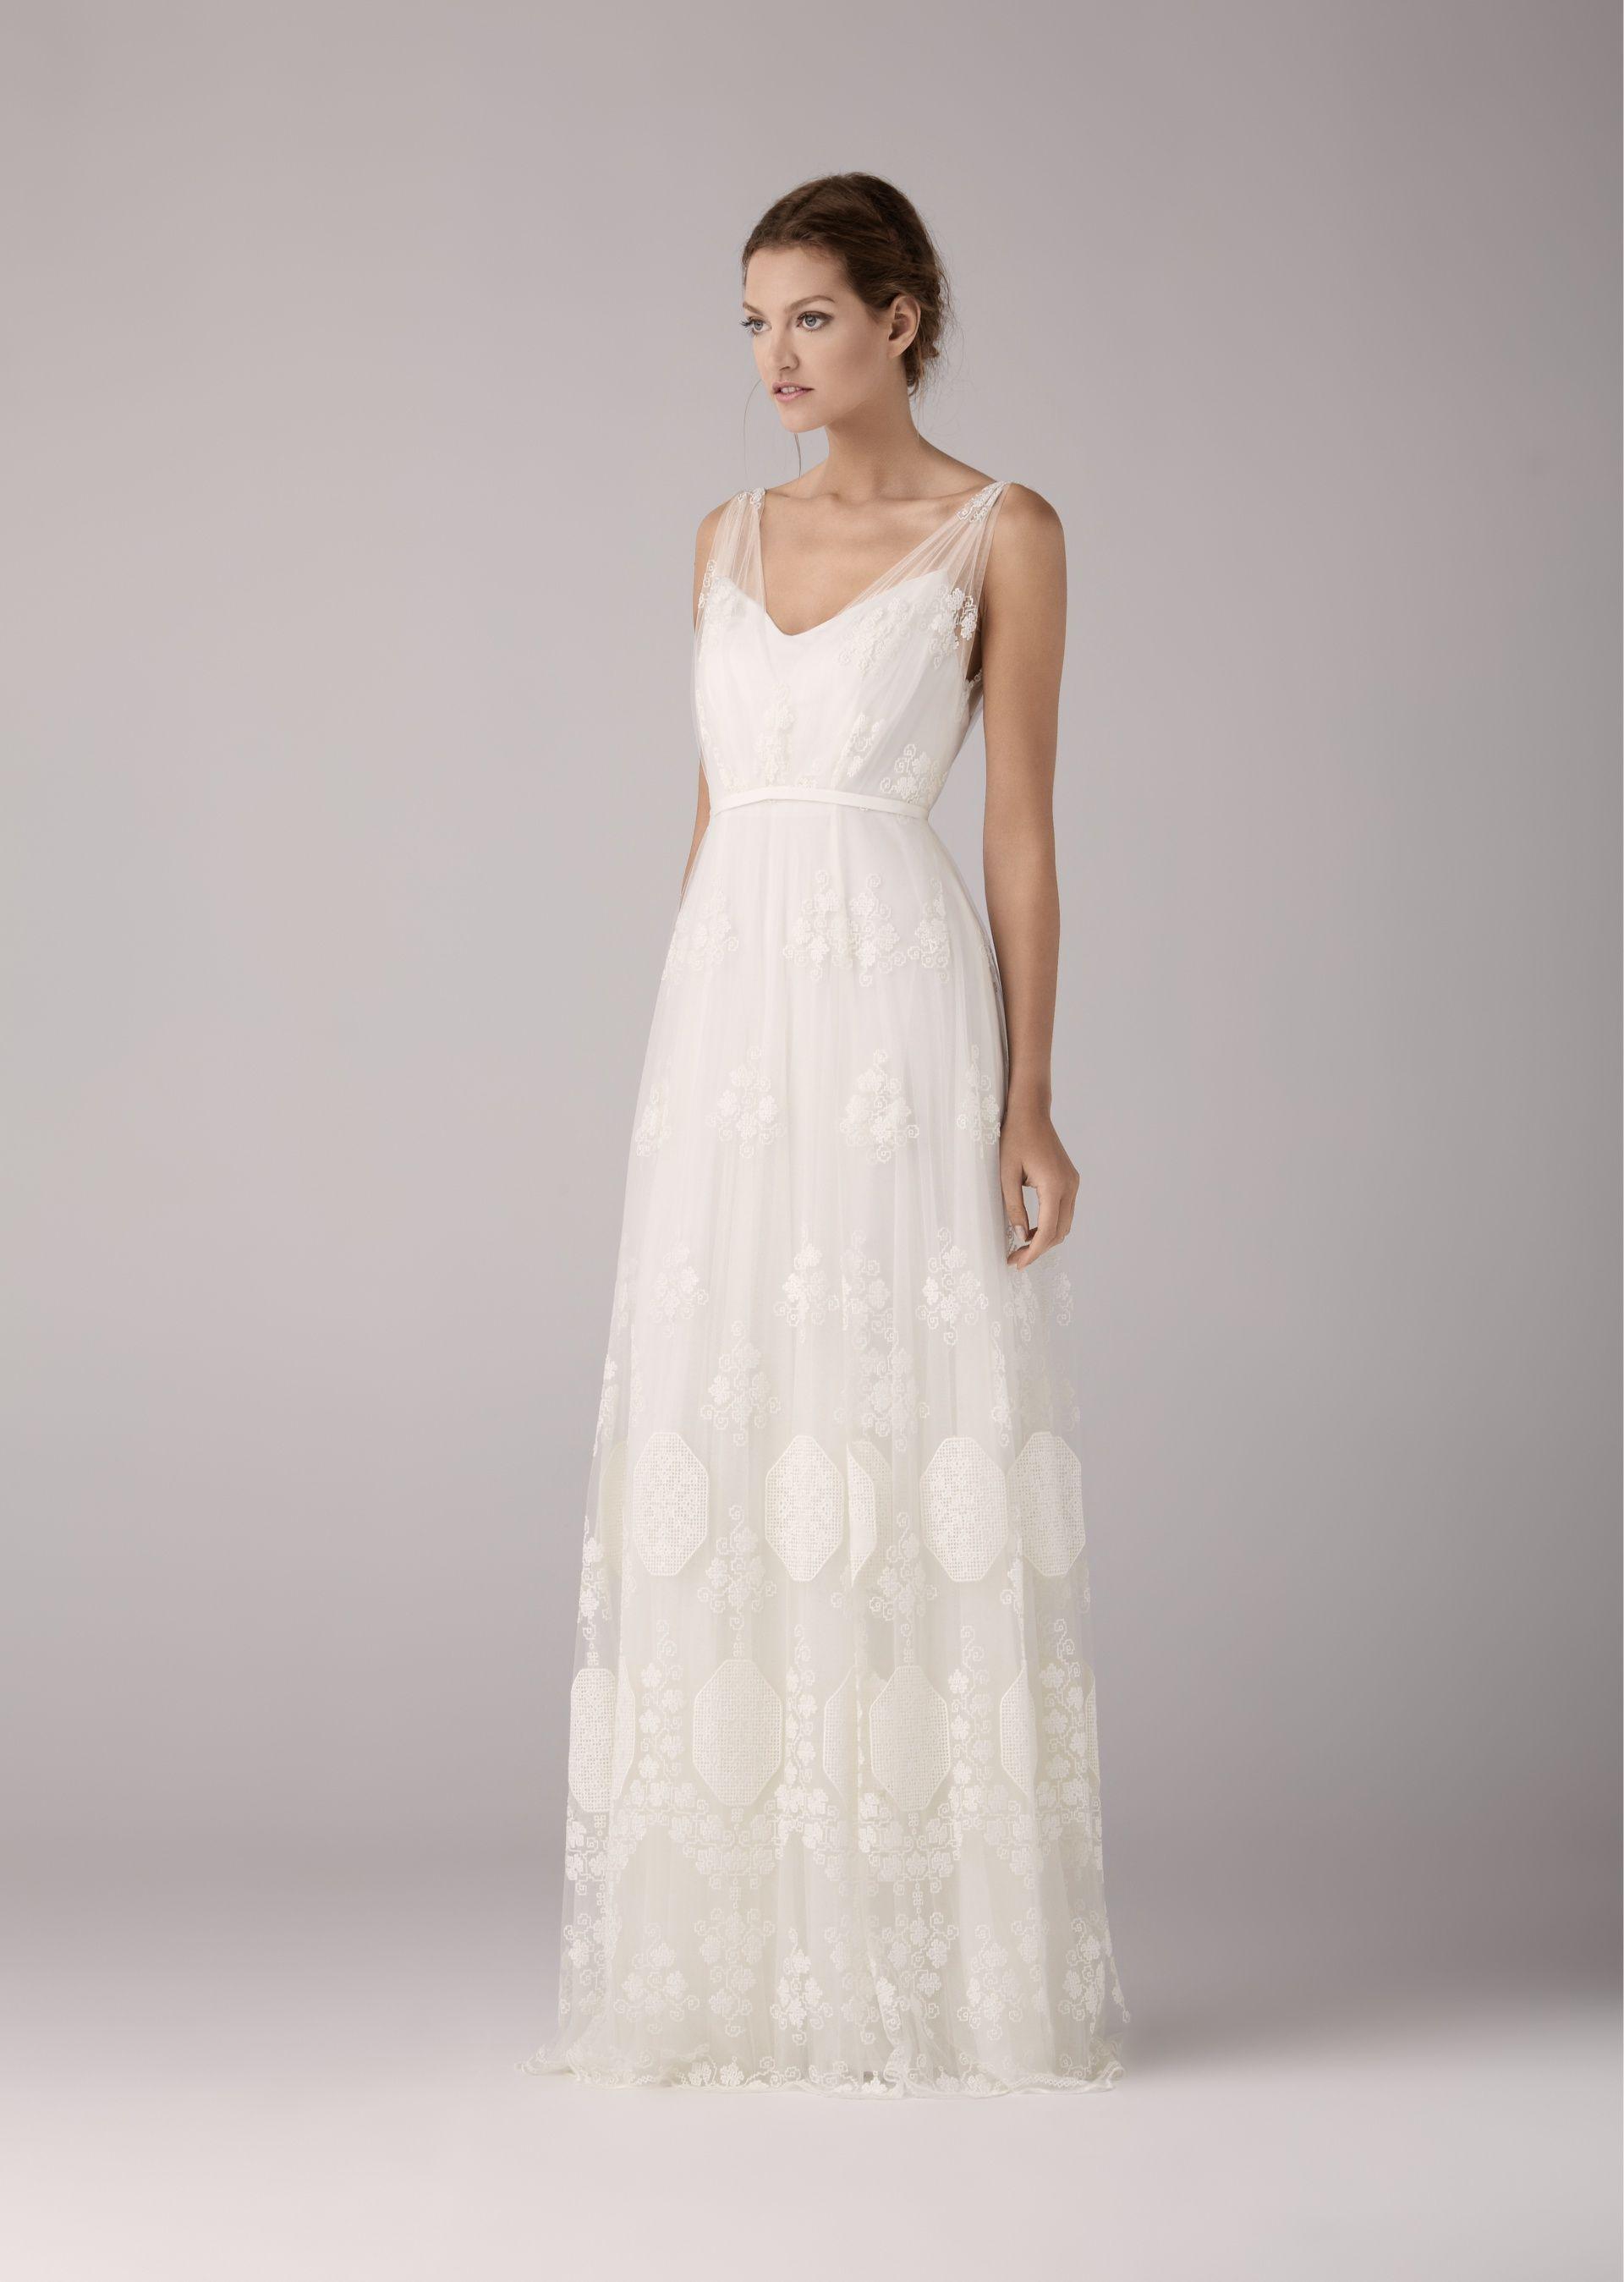 Brautkleid aus Spitze, romantisch, Hochzeit | Hochzeit ...